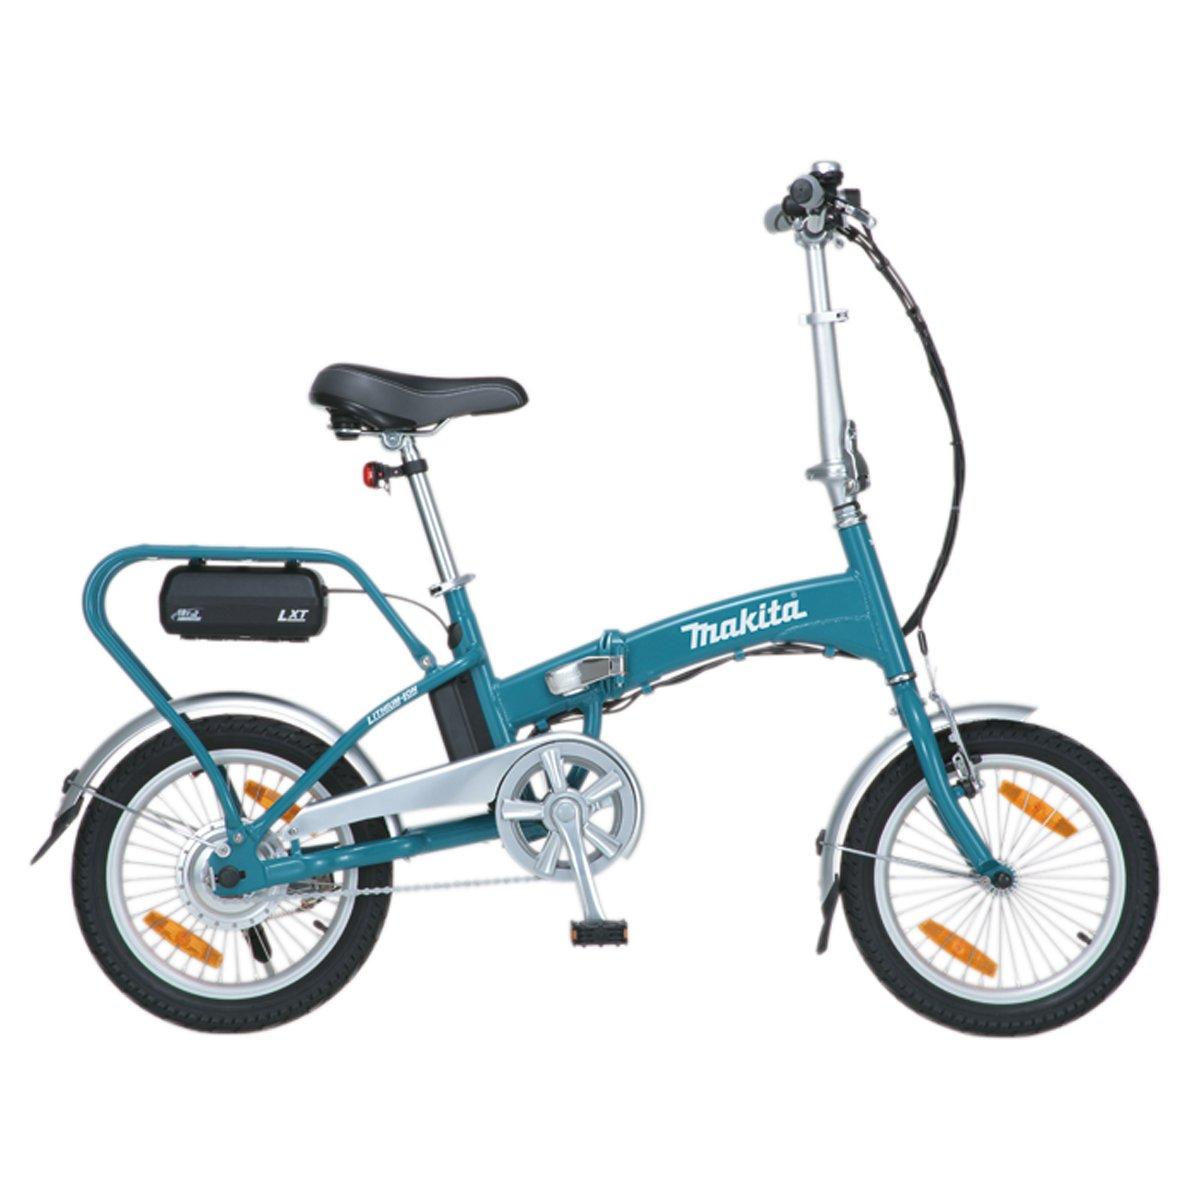 Una bicicleta eléctrica pequeña y plegable